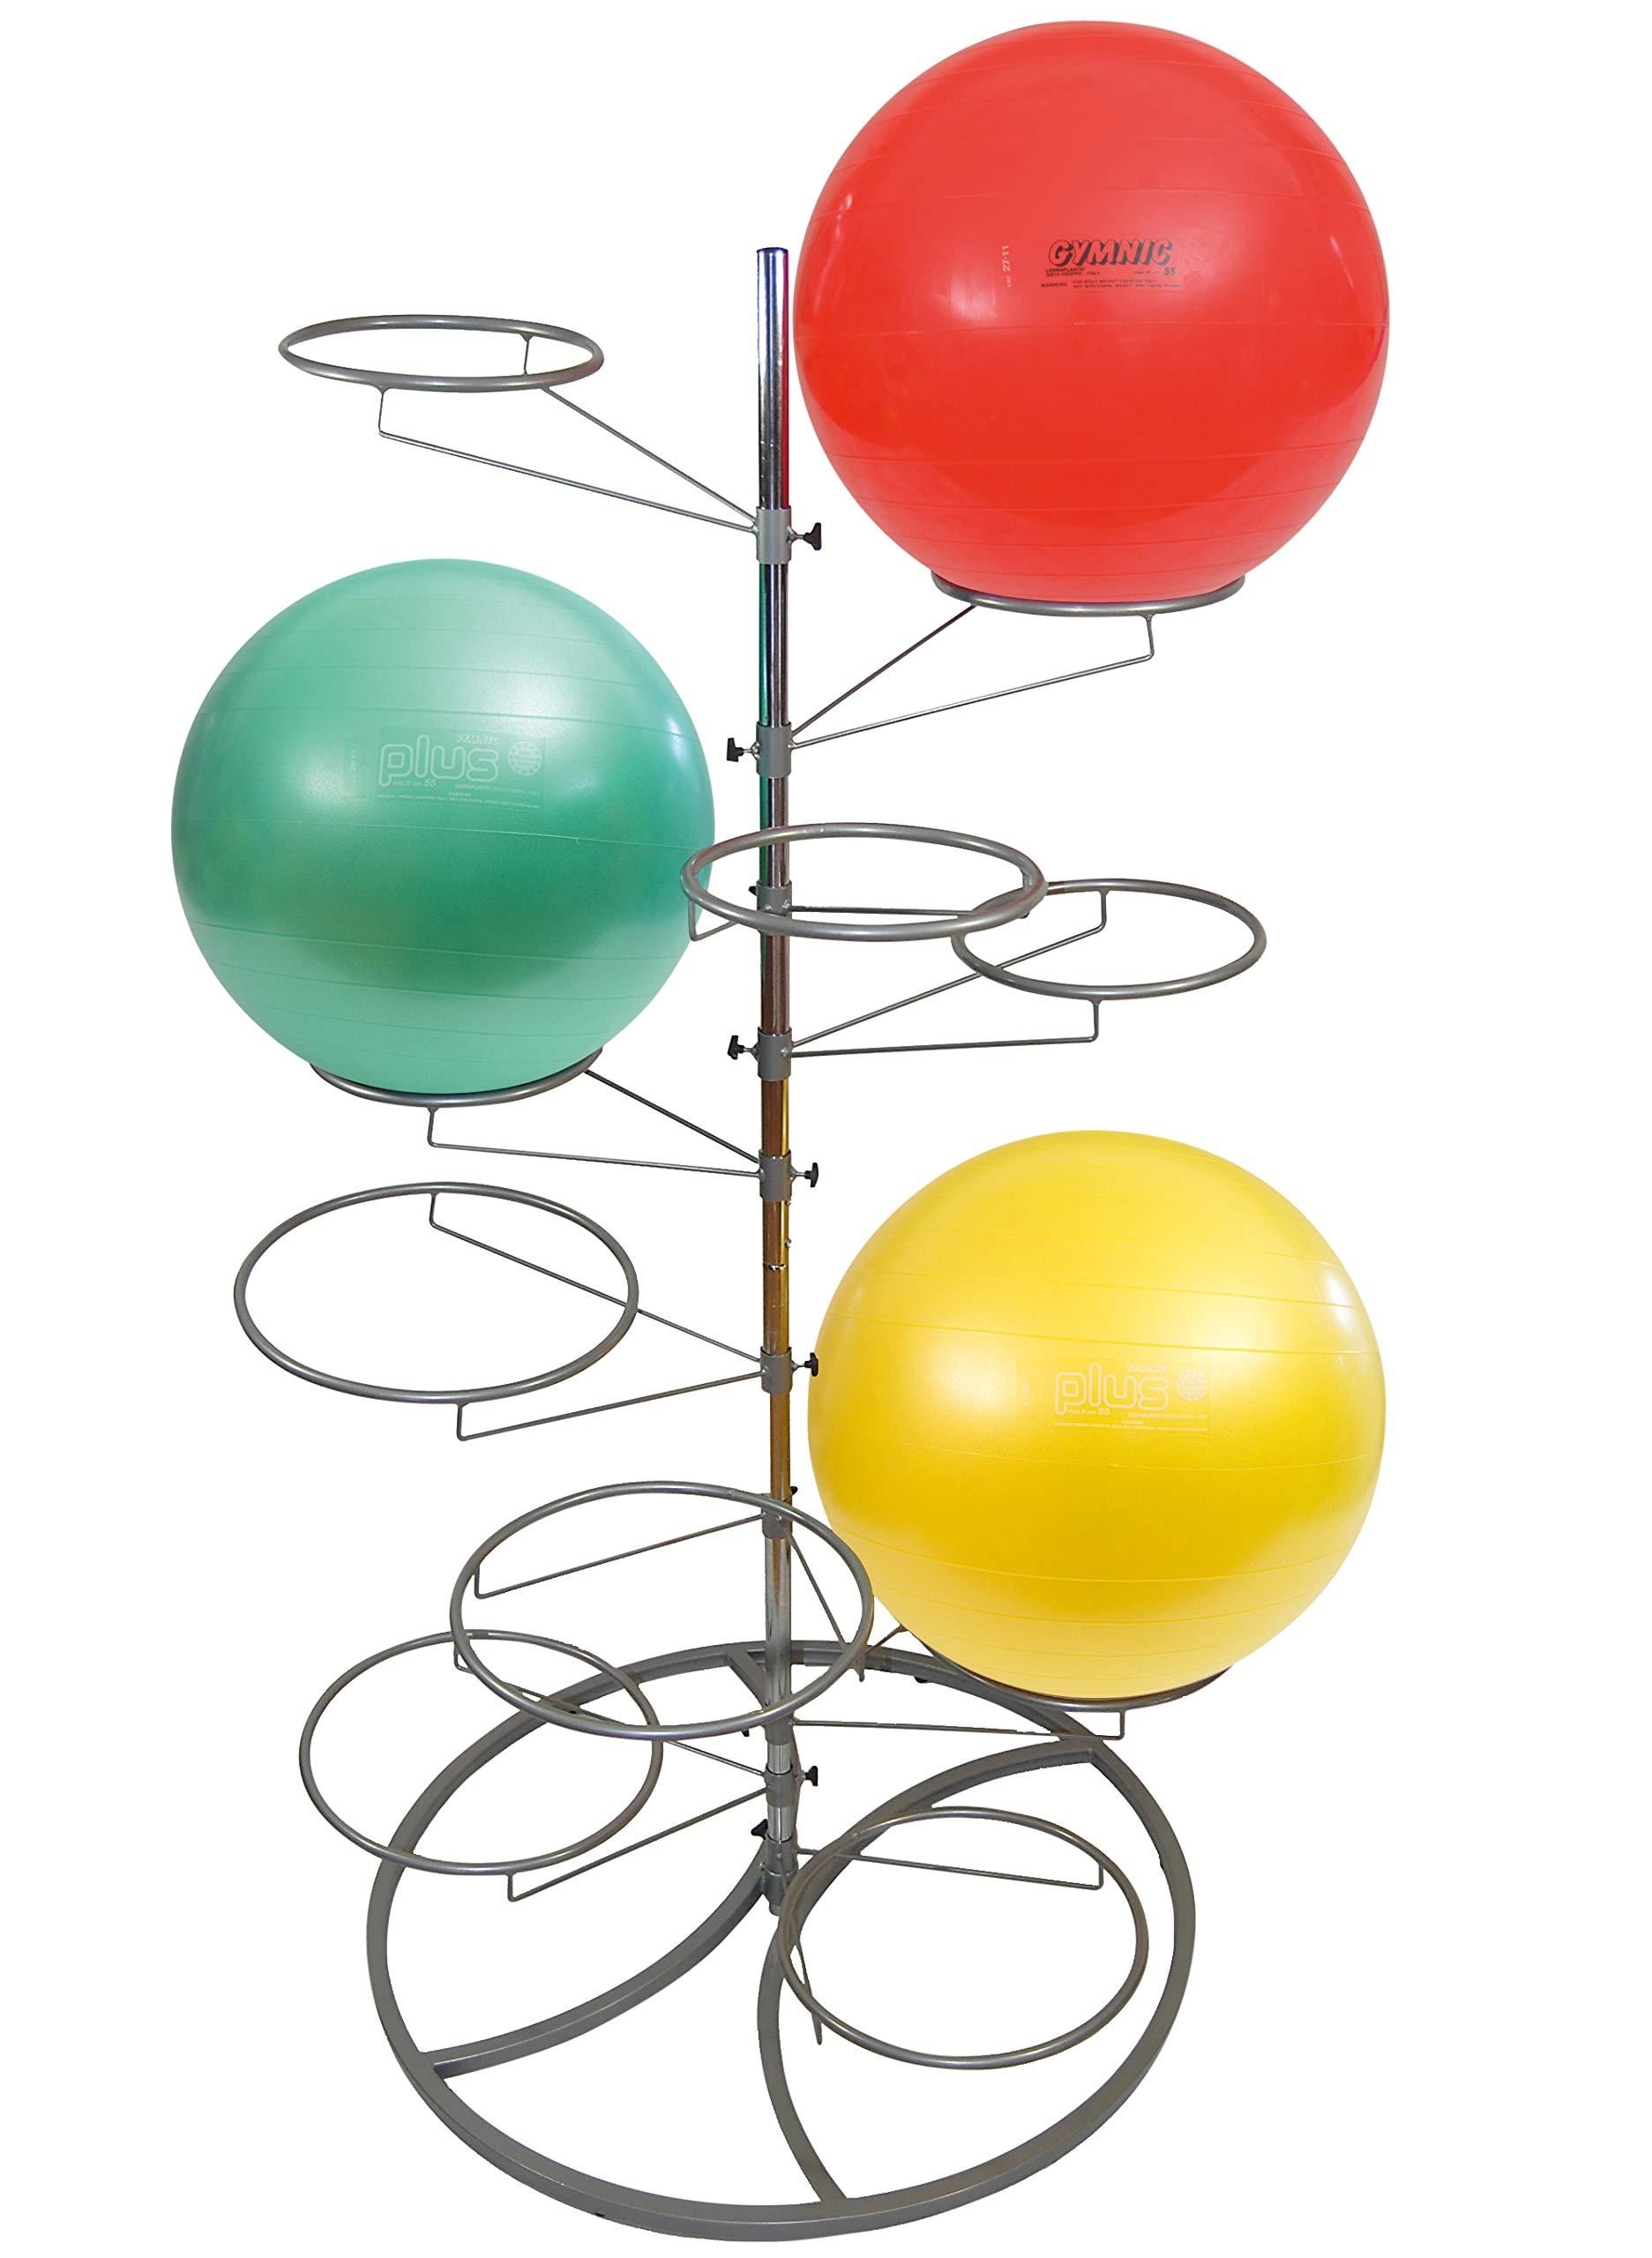 Gymnic Ball Tree Display